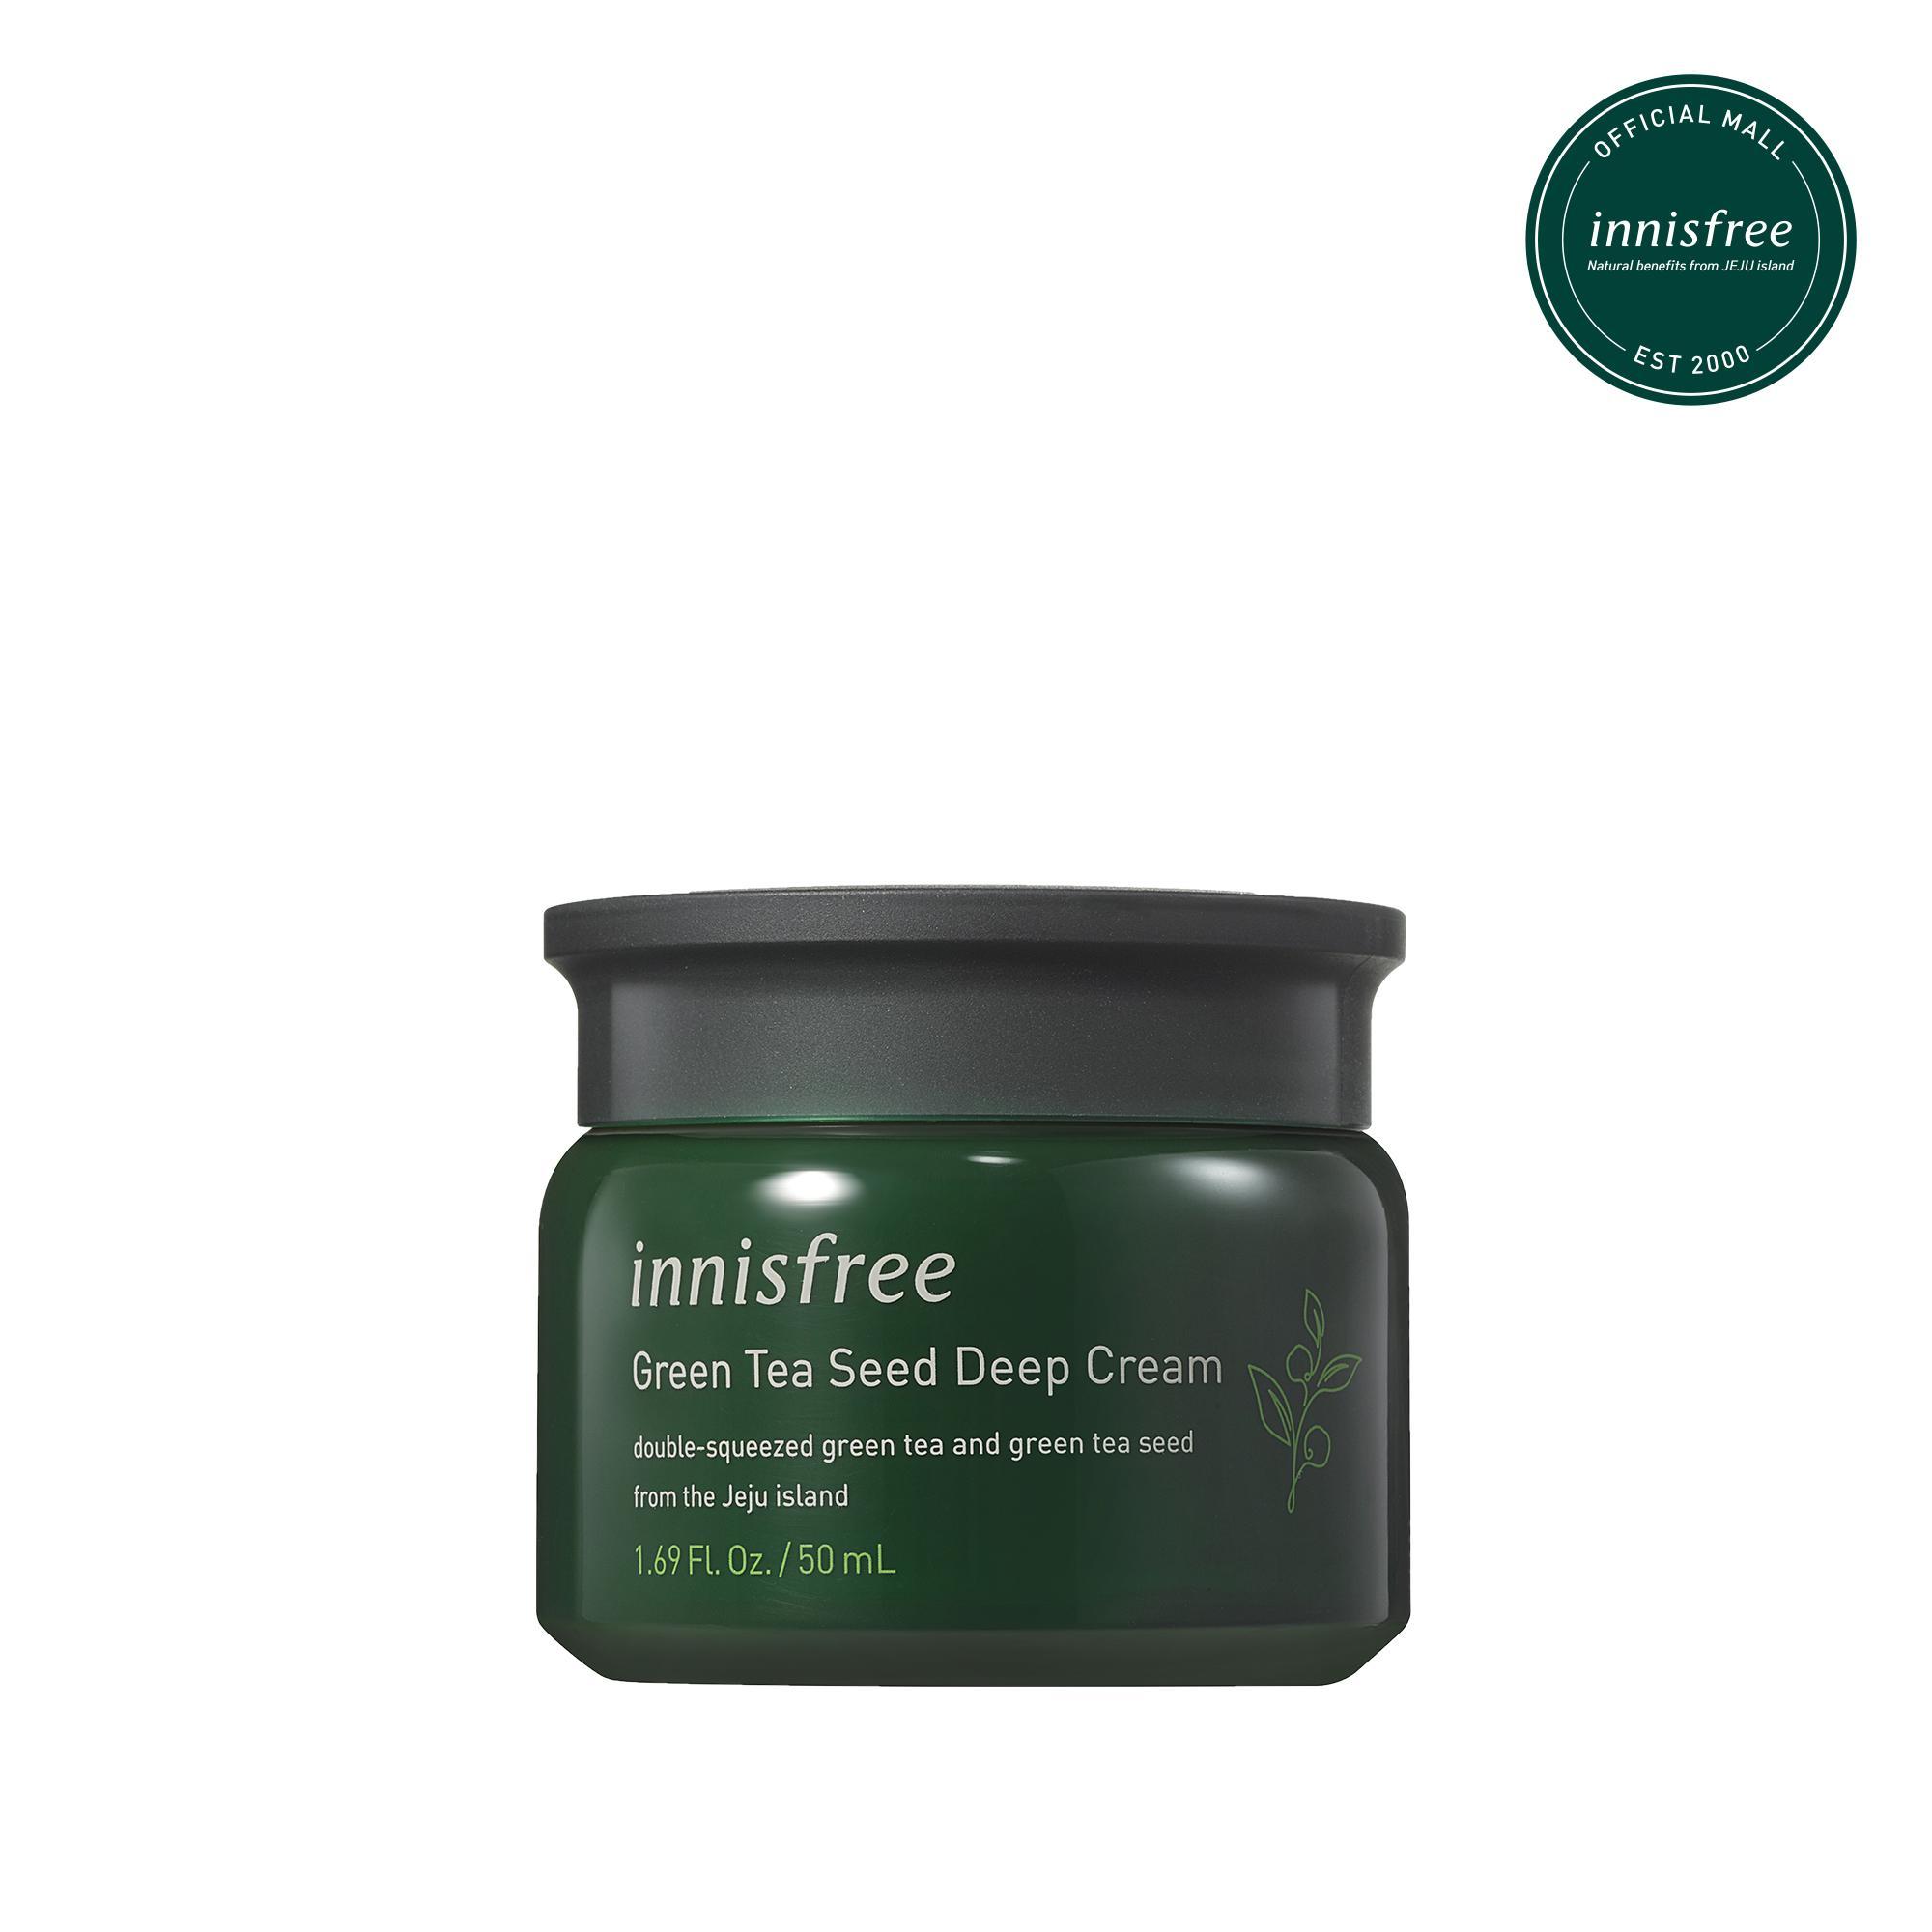 Kem dưỡng tăng cường độ ẩm phục hồi da từ trà xanh và dầu hạt trà xanh tươi Innisfree Green tea Seed Deep Cream 50ml - NEW